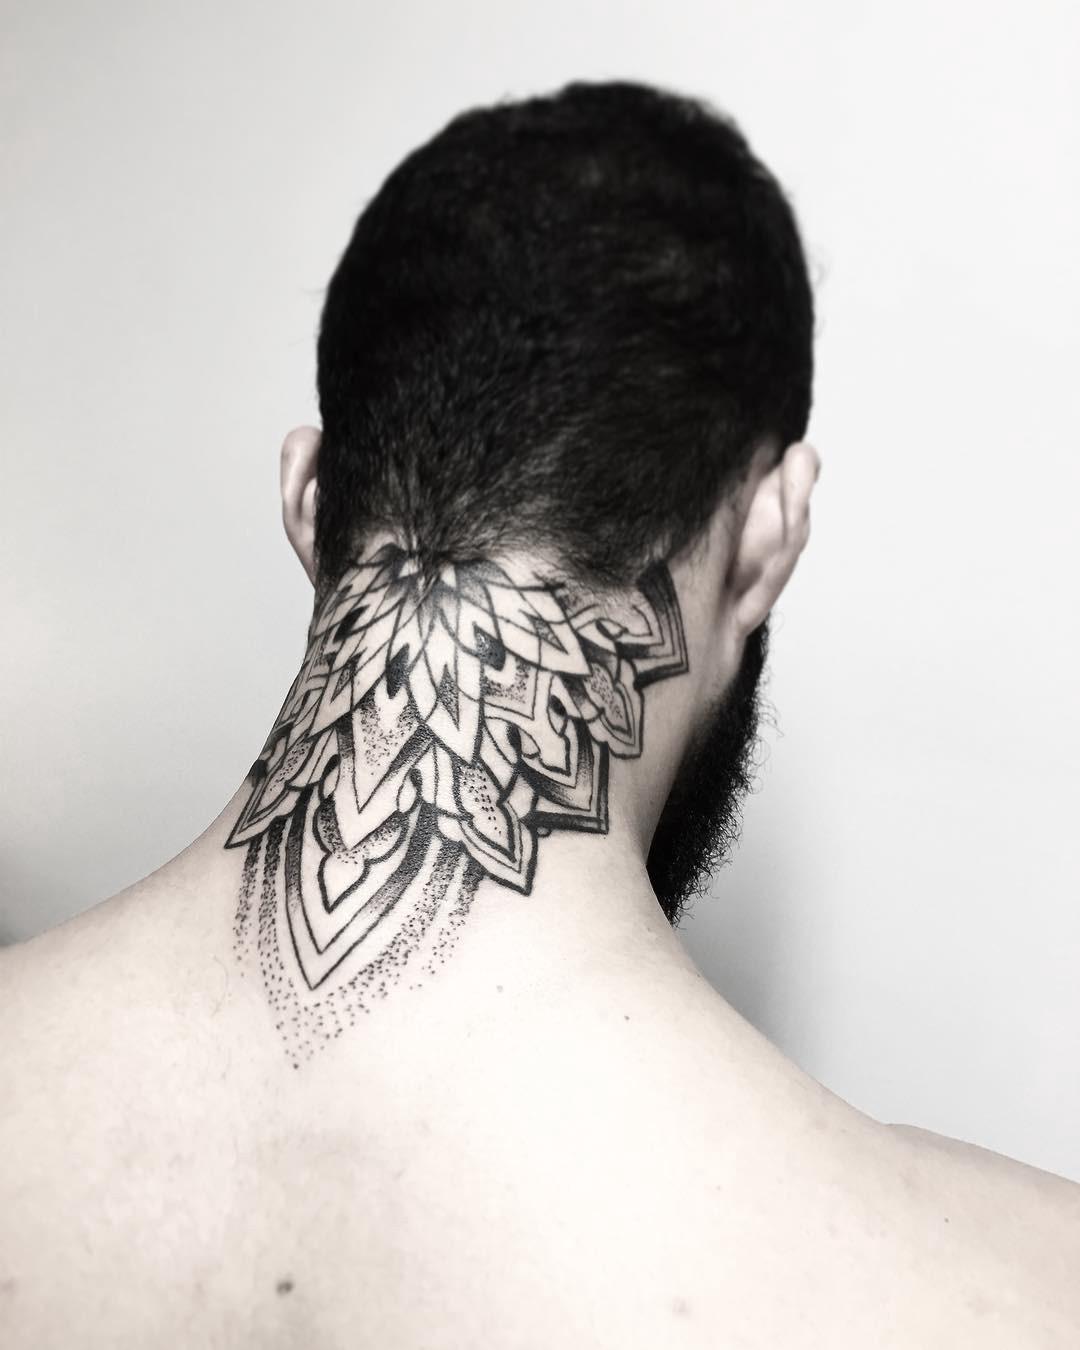 Tatuagem No Pescoco Qual O Significado Blog Tattoo2me Mc gui é famoso por ser um cantor e compositor do funk ostentação! tatuagem no pescoco qual o significado